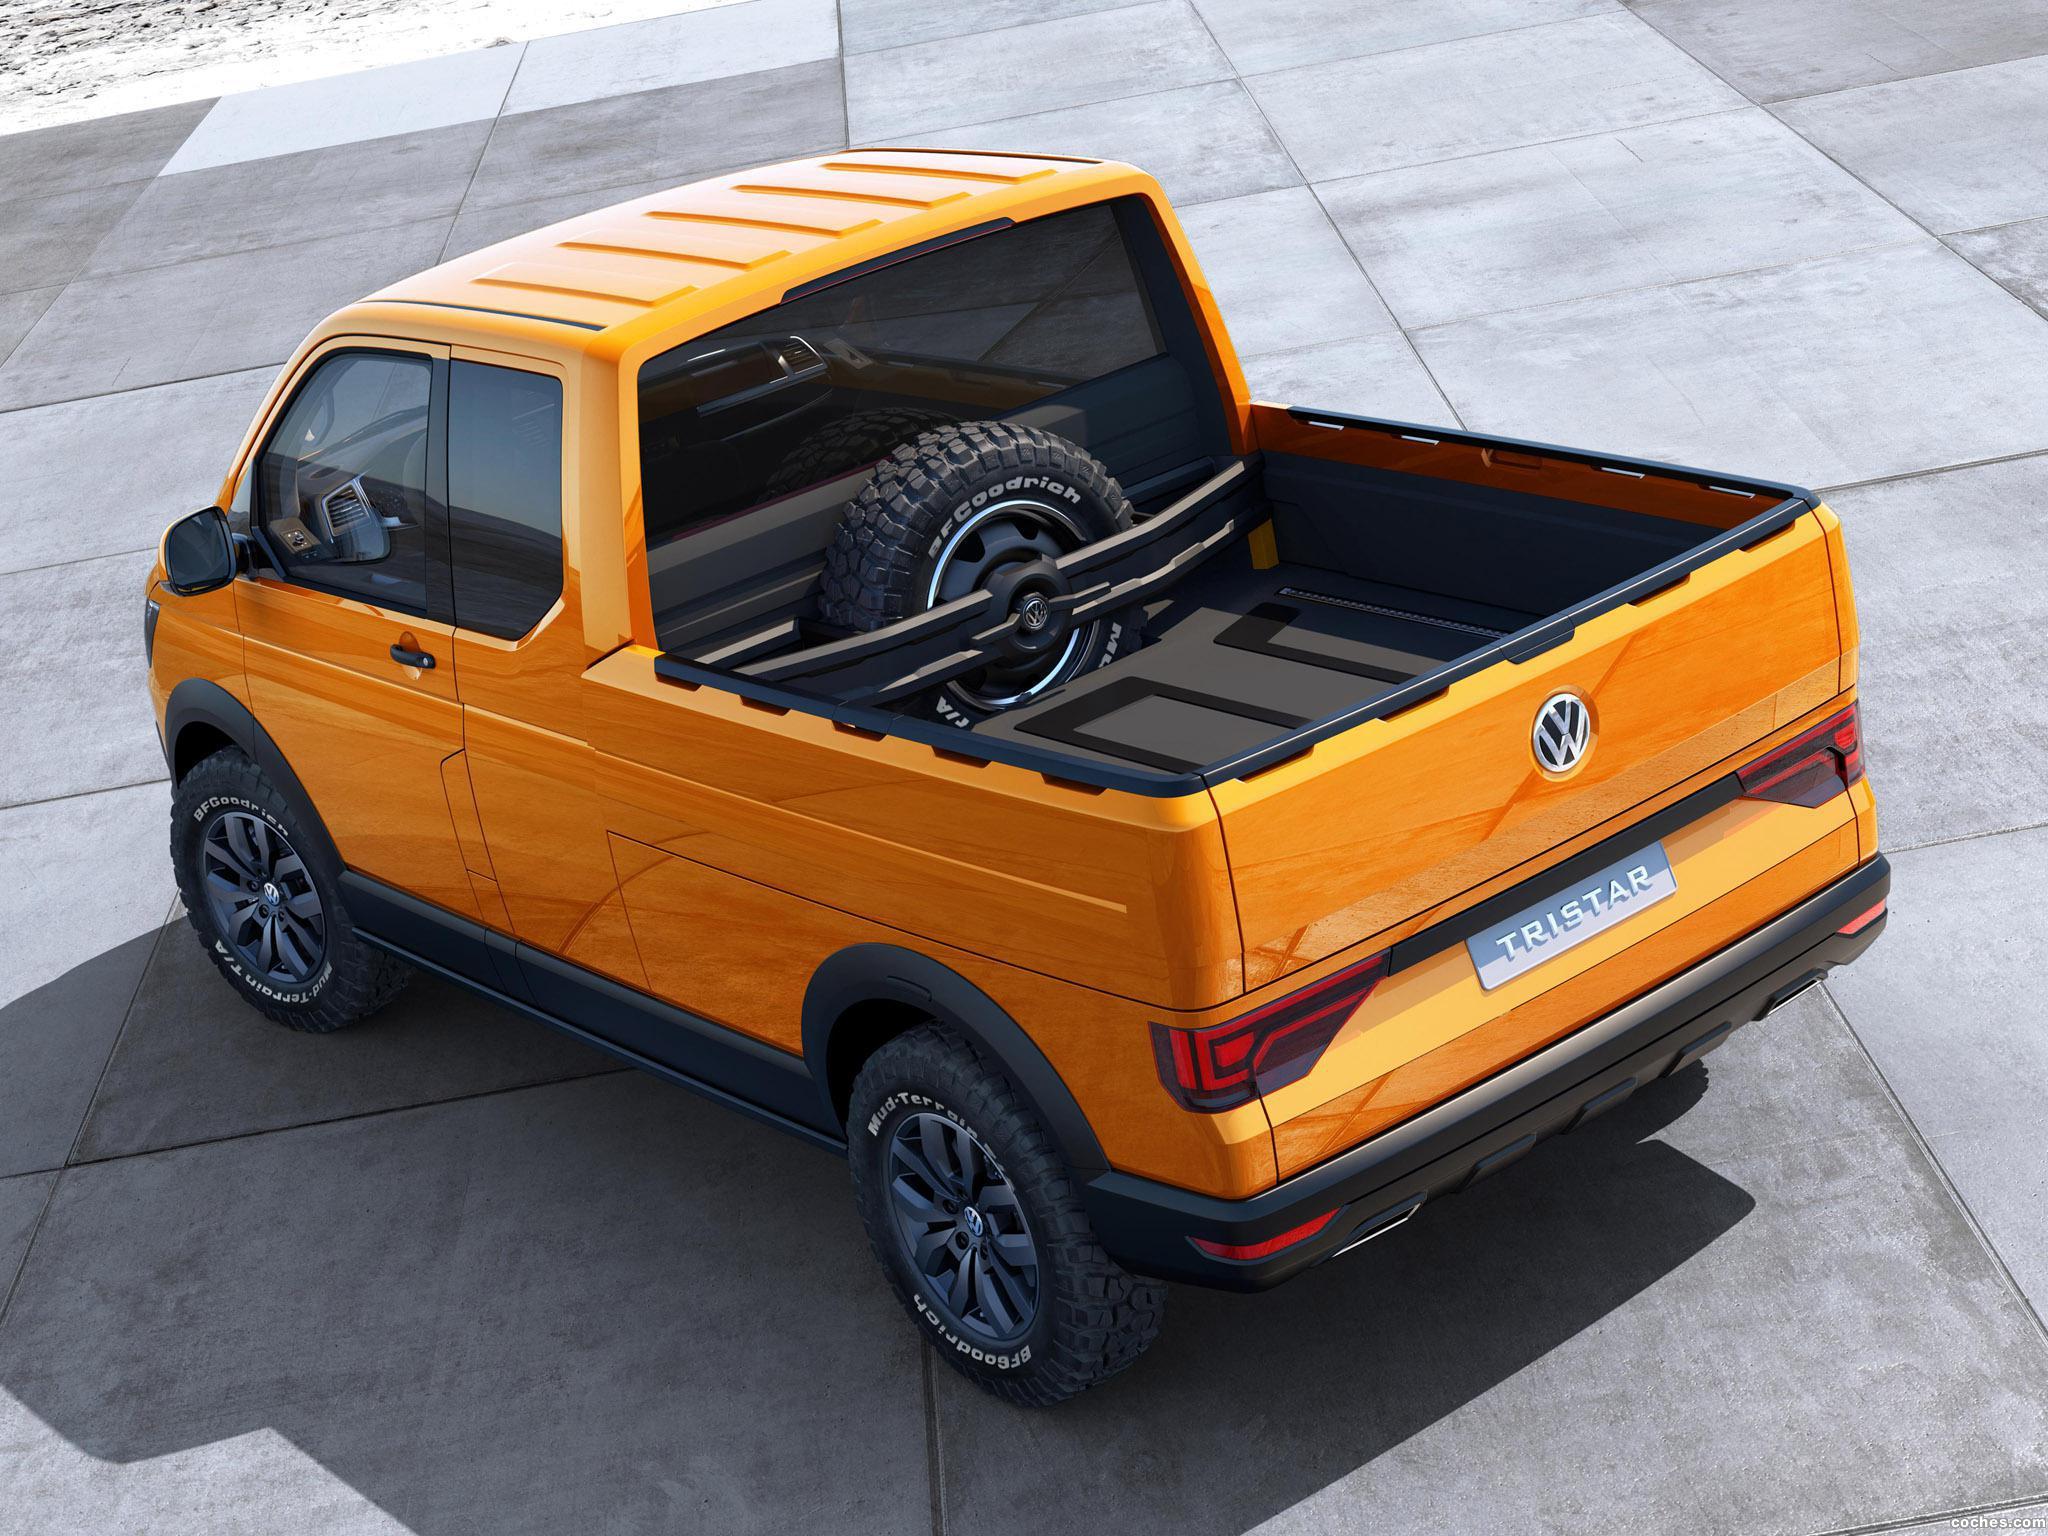 Foto 1 de Volkswagen Tristar Concept 2014